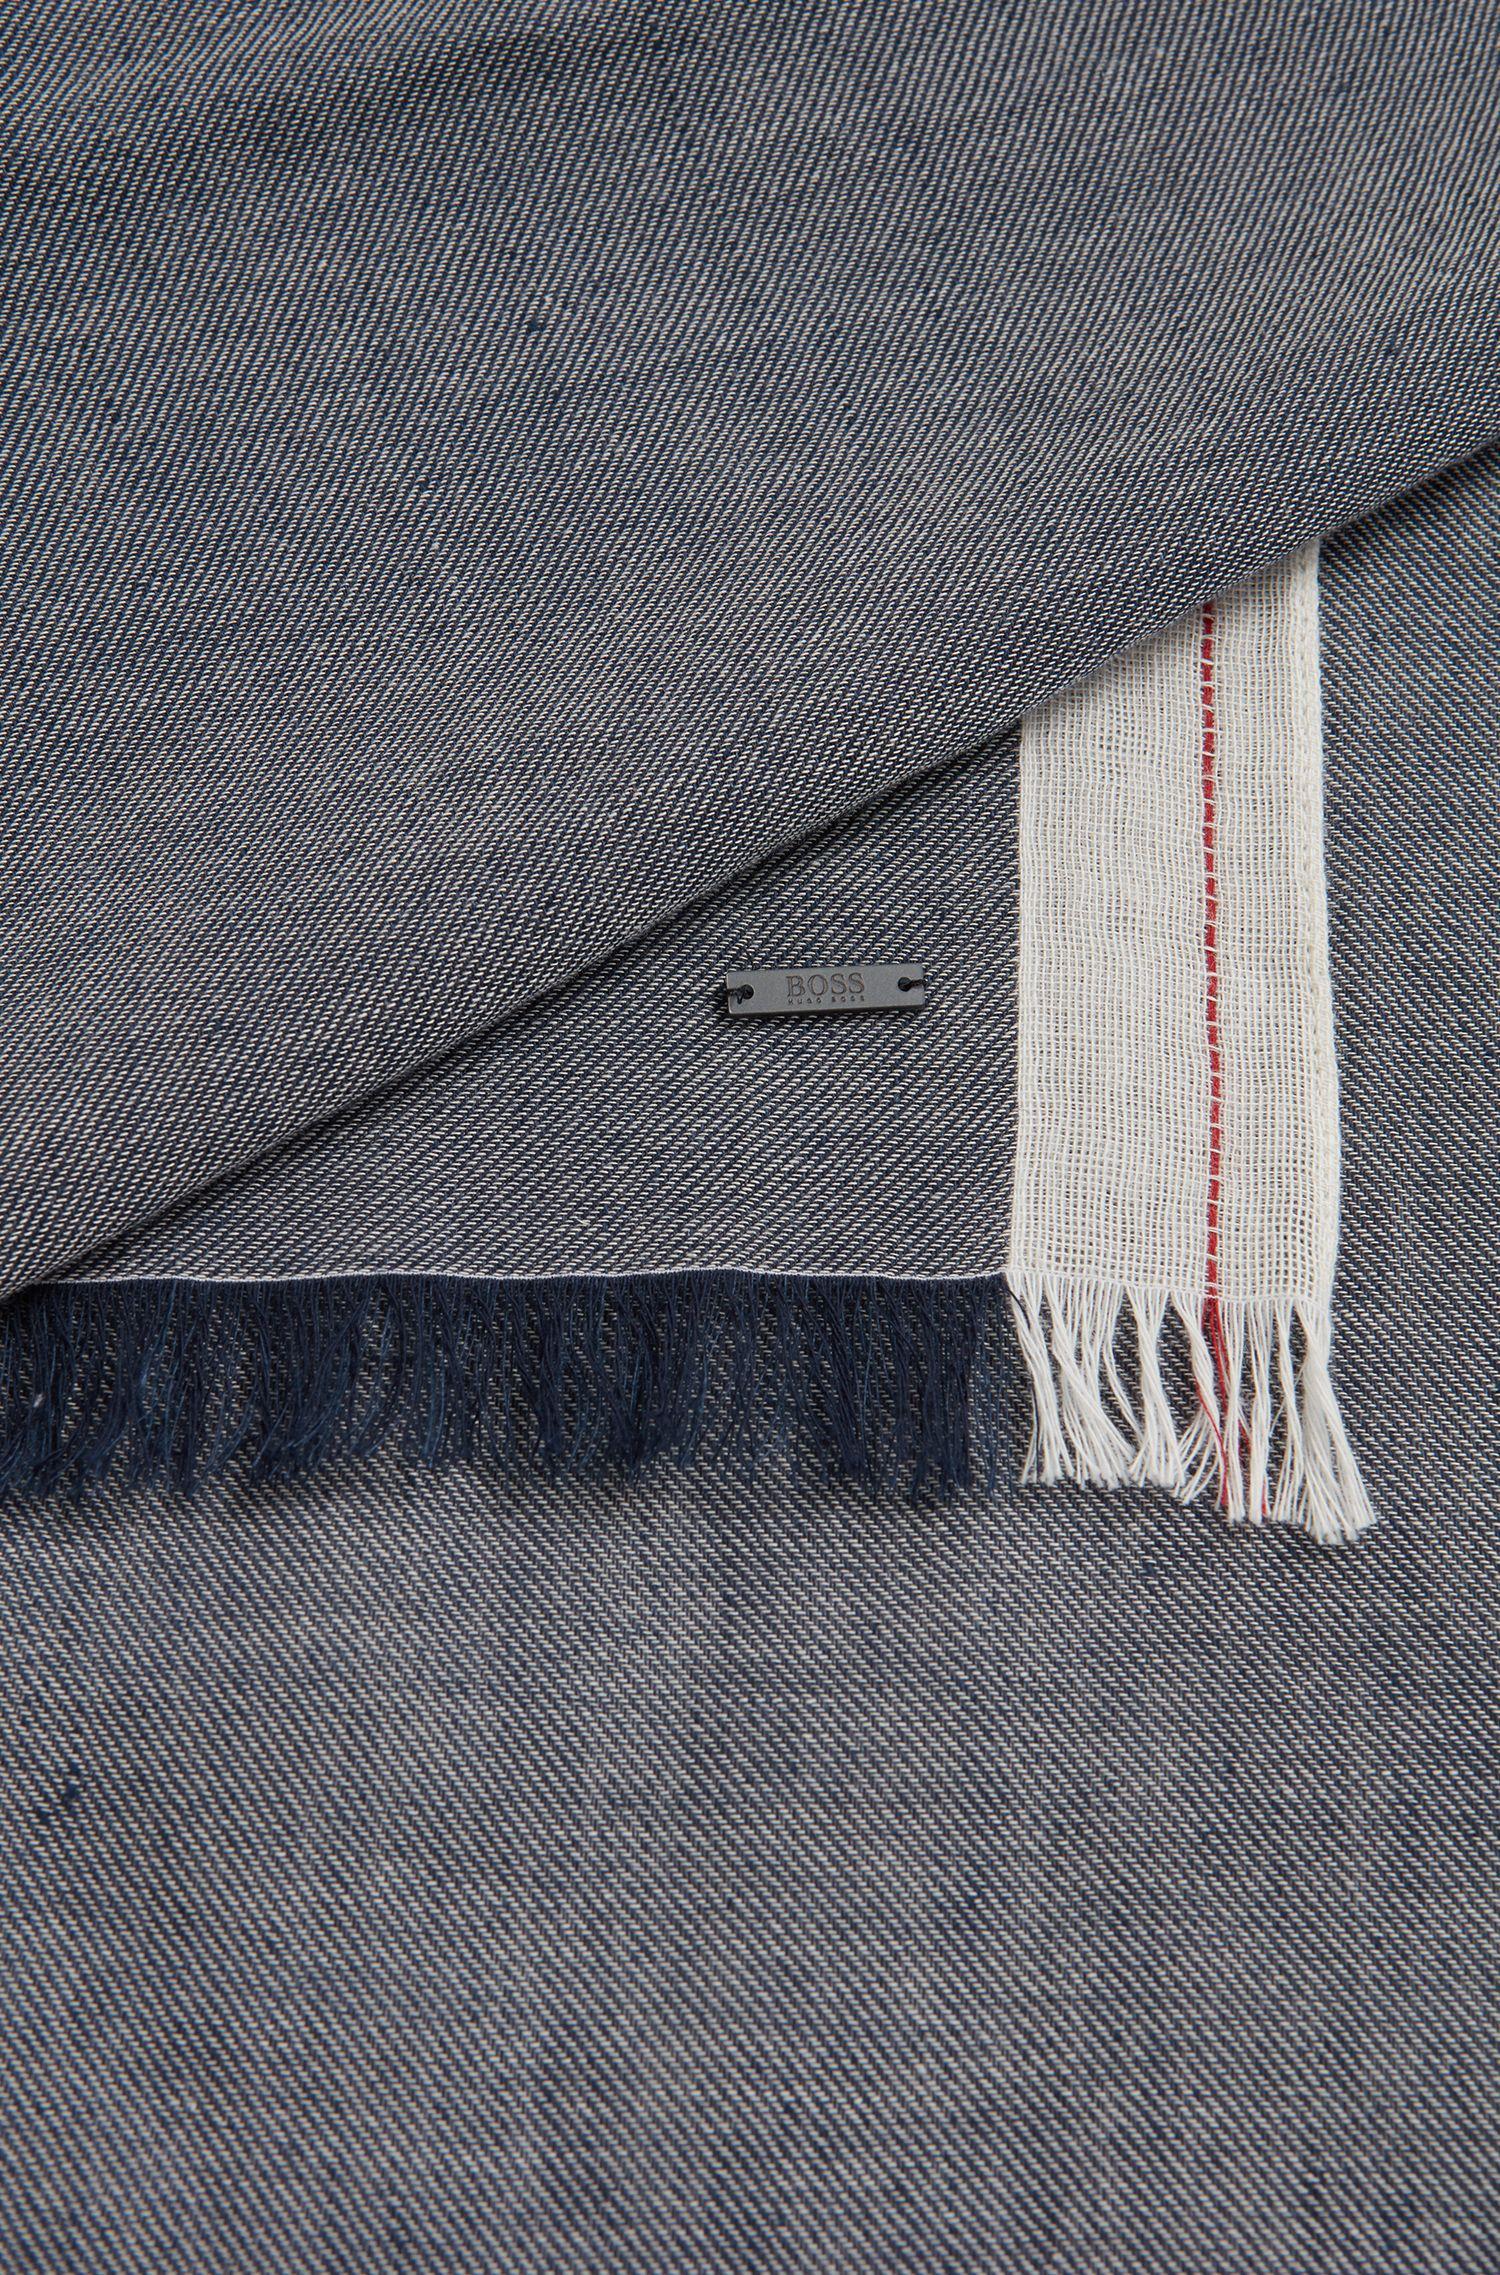 Schal aus Baumwoll-Mix mit Leinen und Streifen-Dessin, Dunkelblau